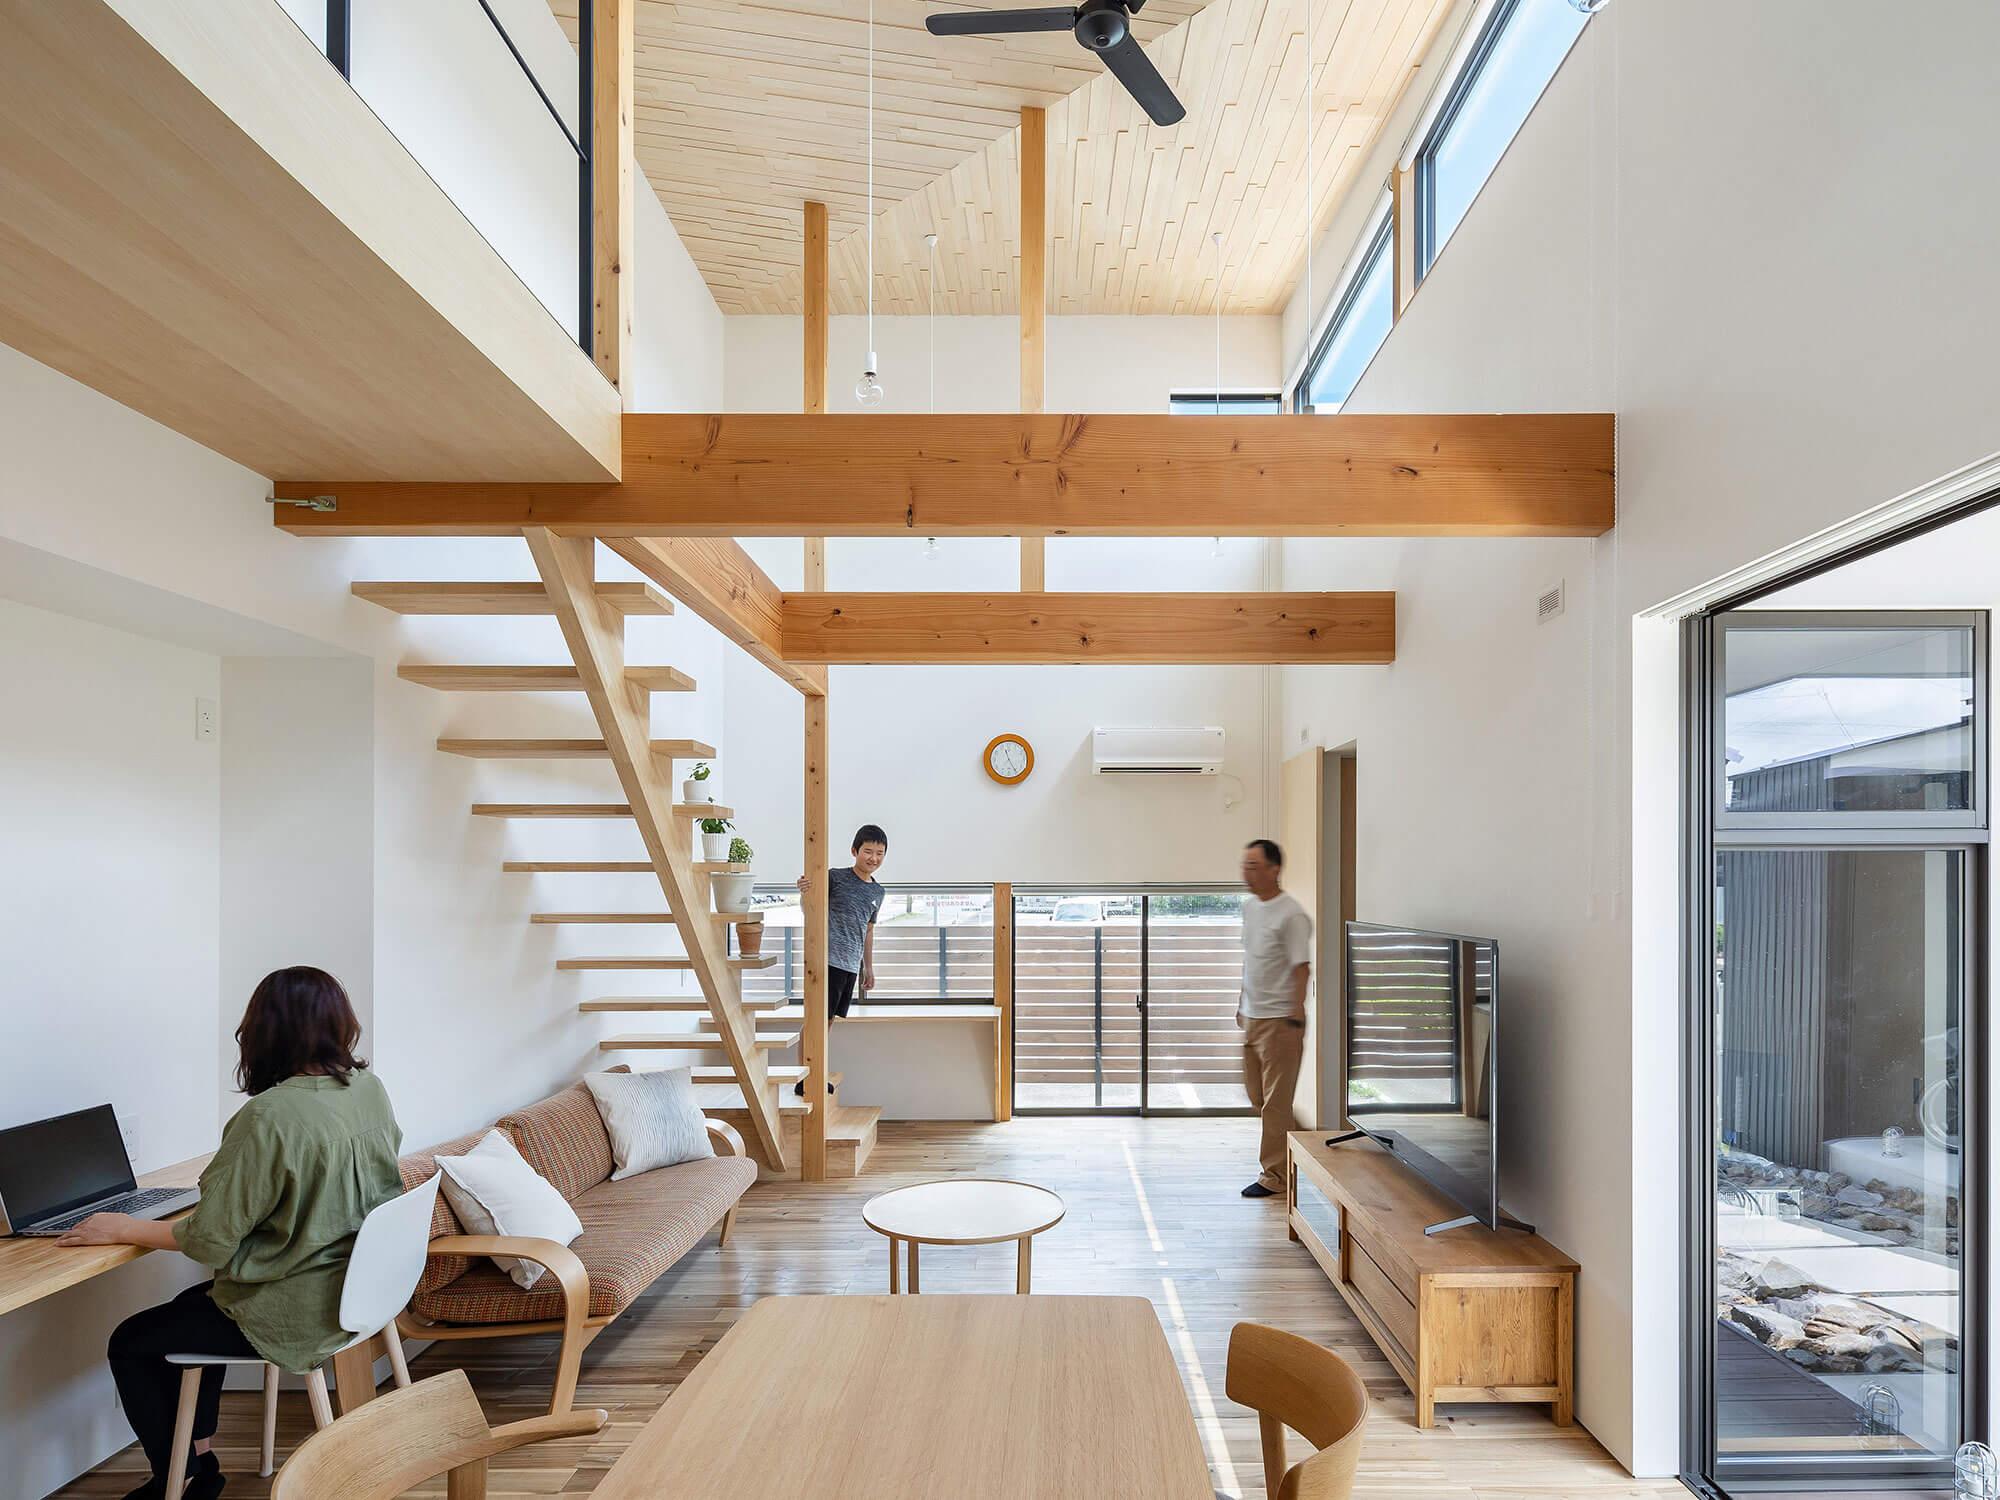 軒と縁側がつなぐ家03|犬山市の施工事例|建築家×工務店